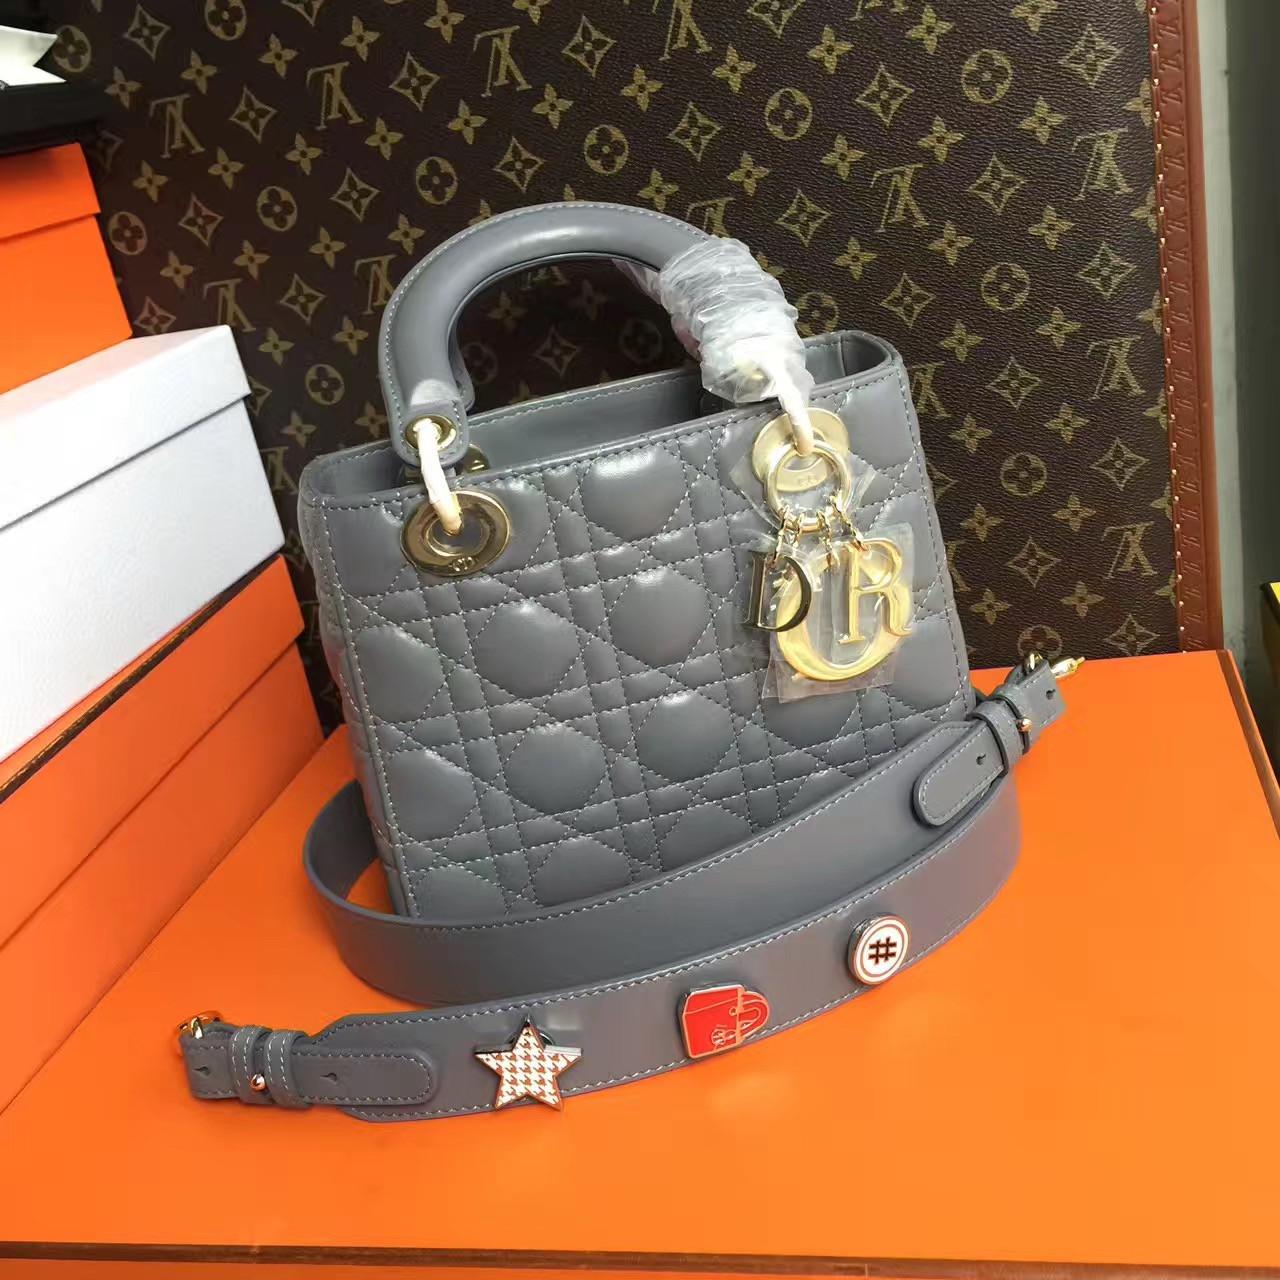 deddba712d Christian Dior My Lady Dior bag in Dior Grey lambskin